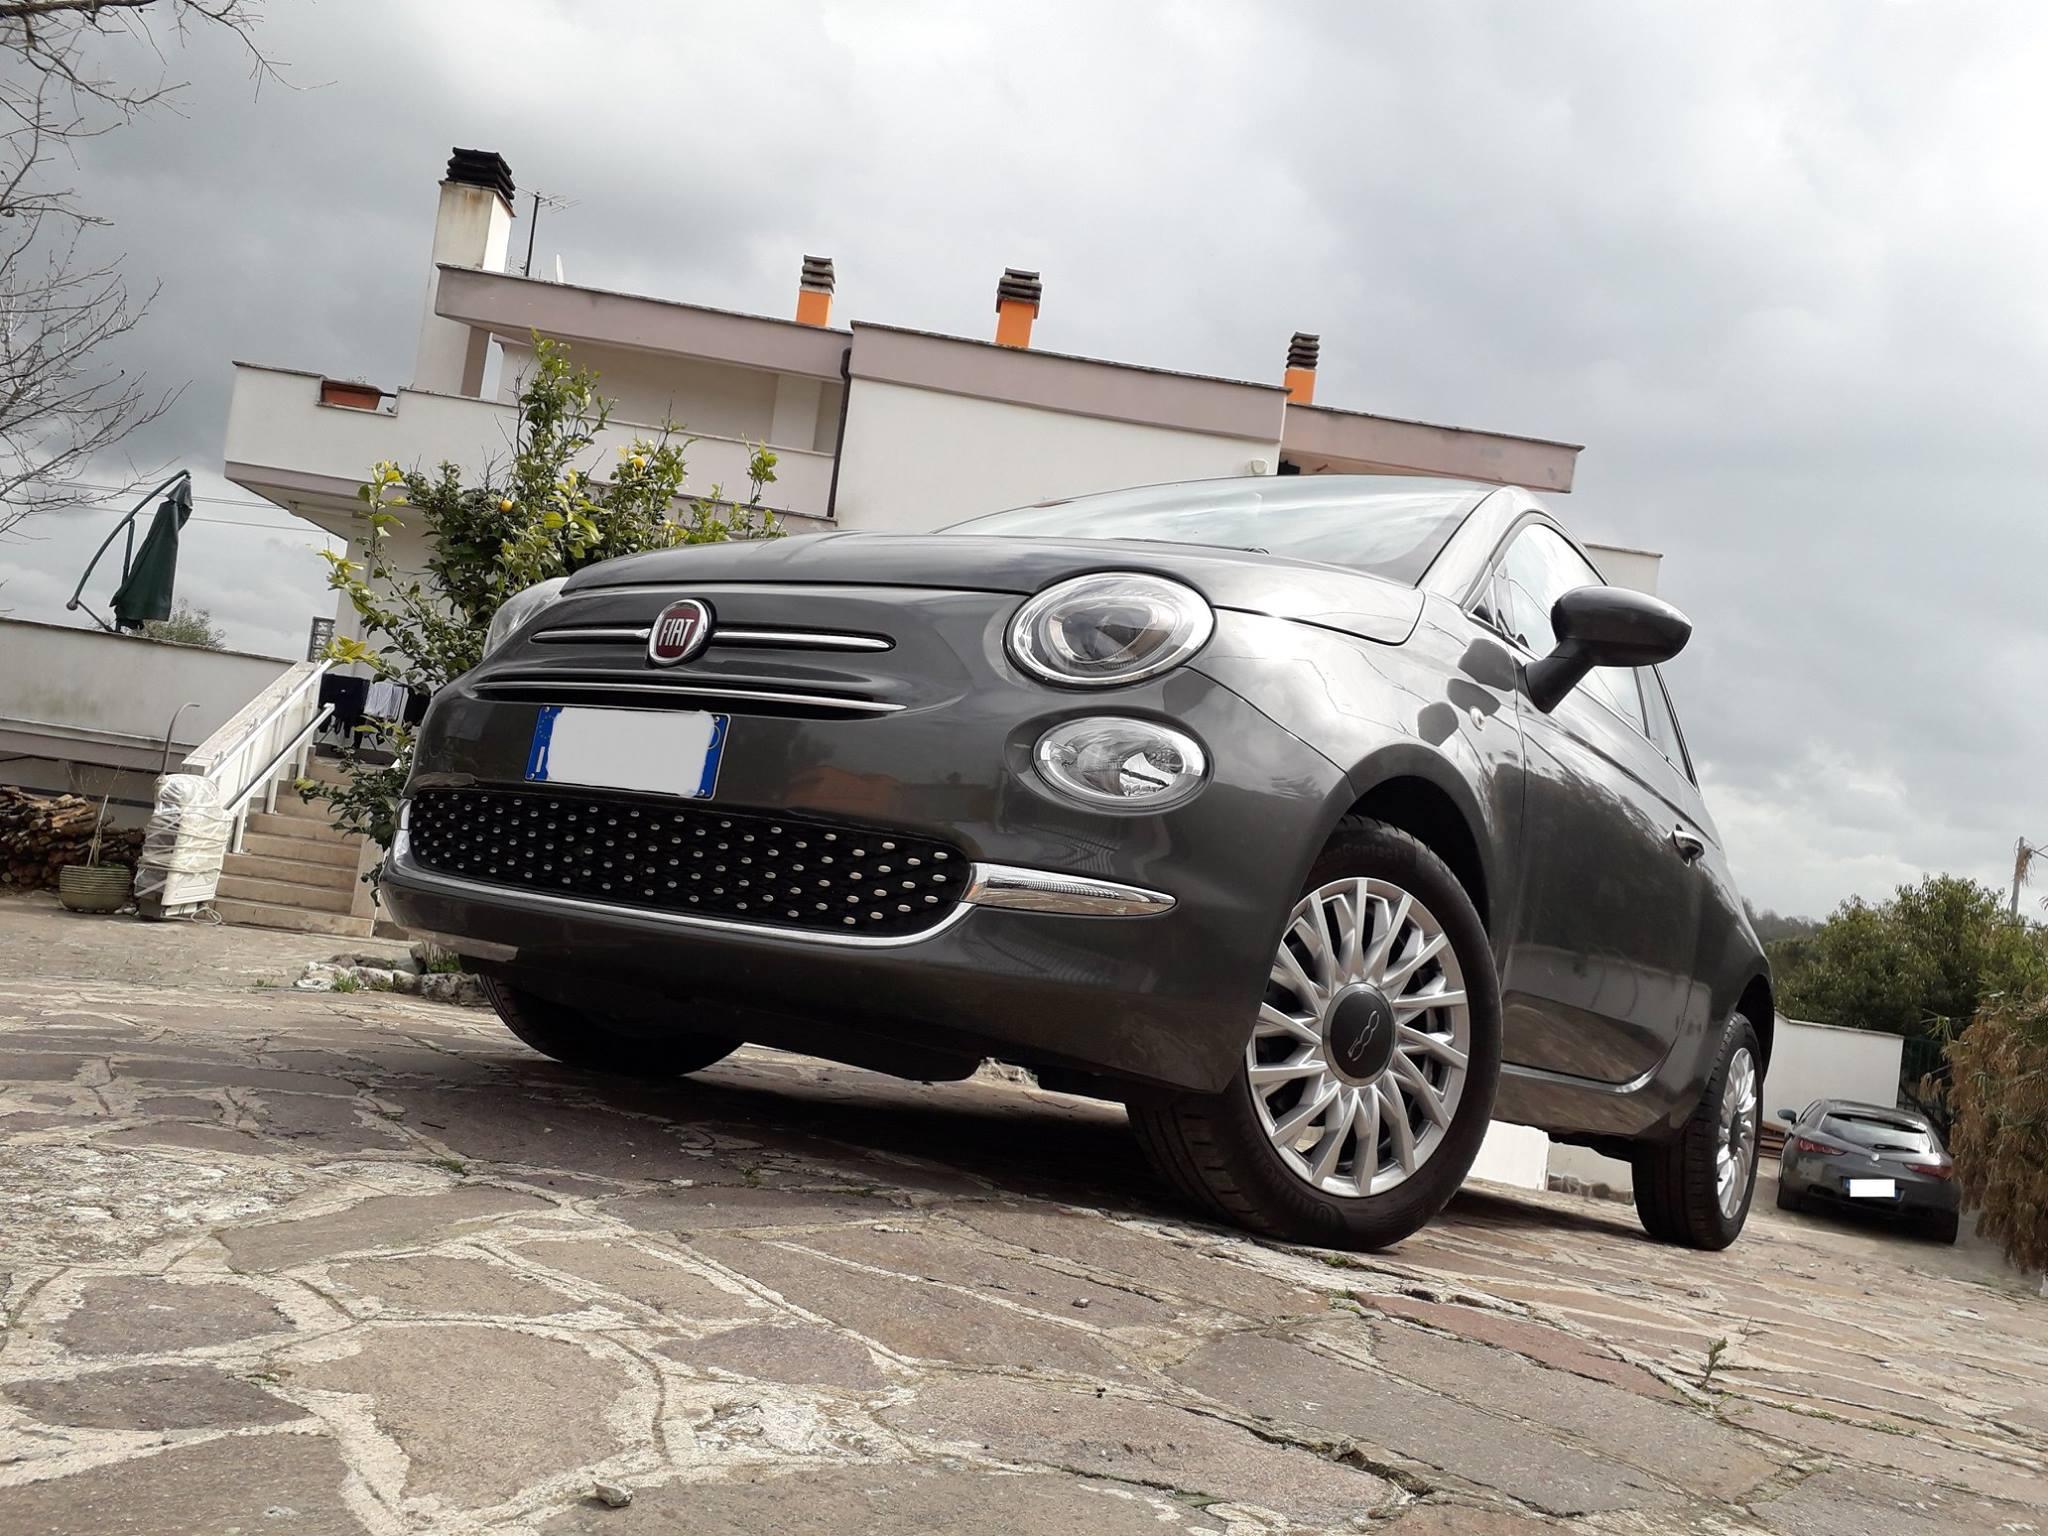 Fiat 500. Iconica citycar, spinta dal 1.2 a benzina da 69 CV nell'allestimento Lounge. Con cambio robotizzato Dualogic!  Euro 10.500,00 + p.p.!